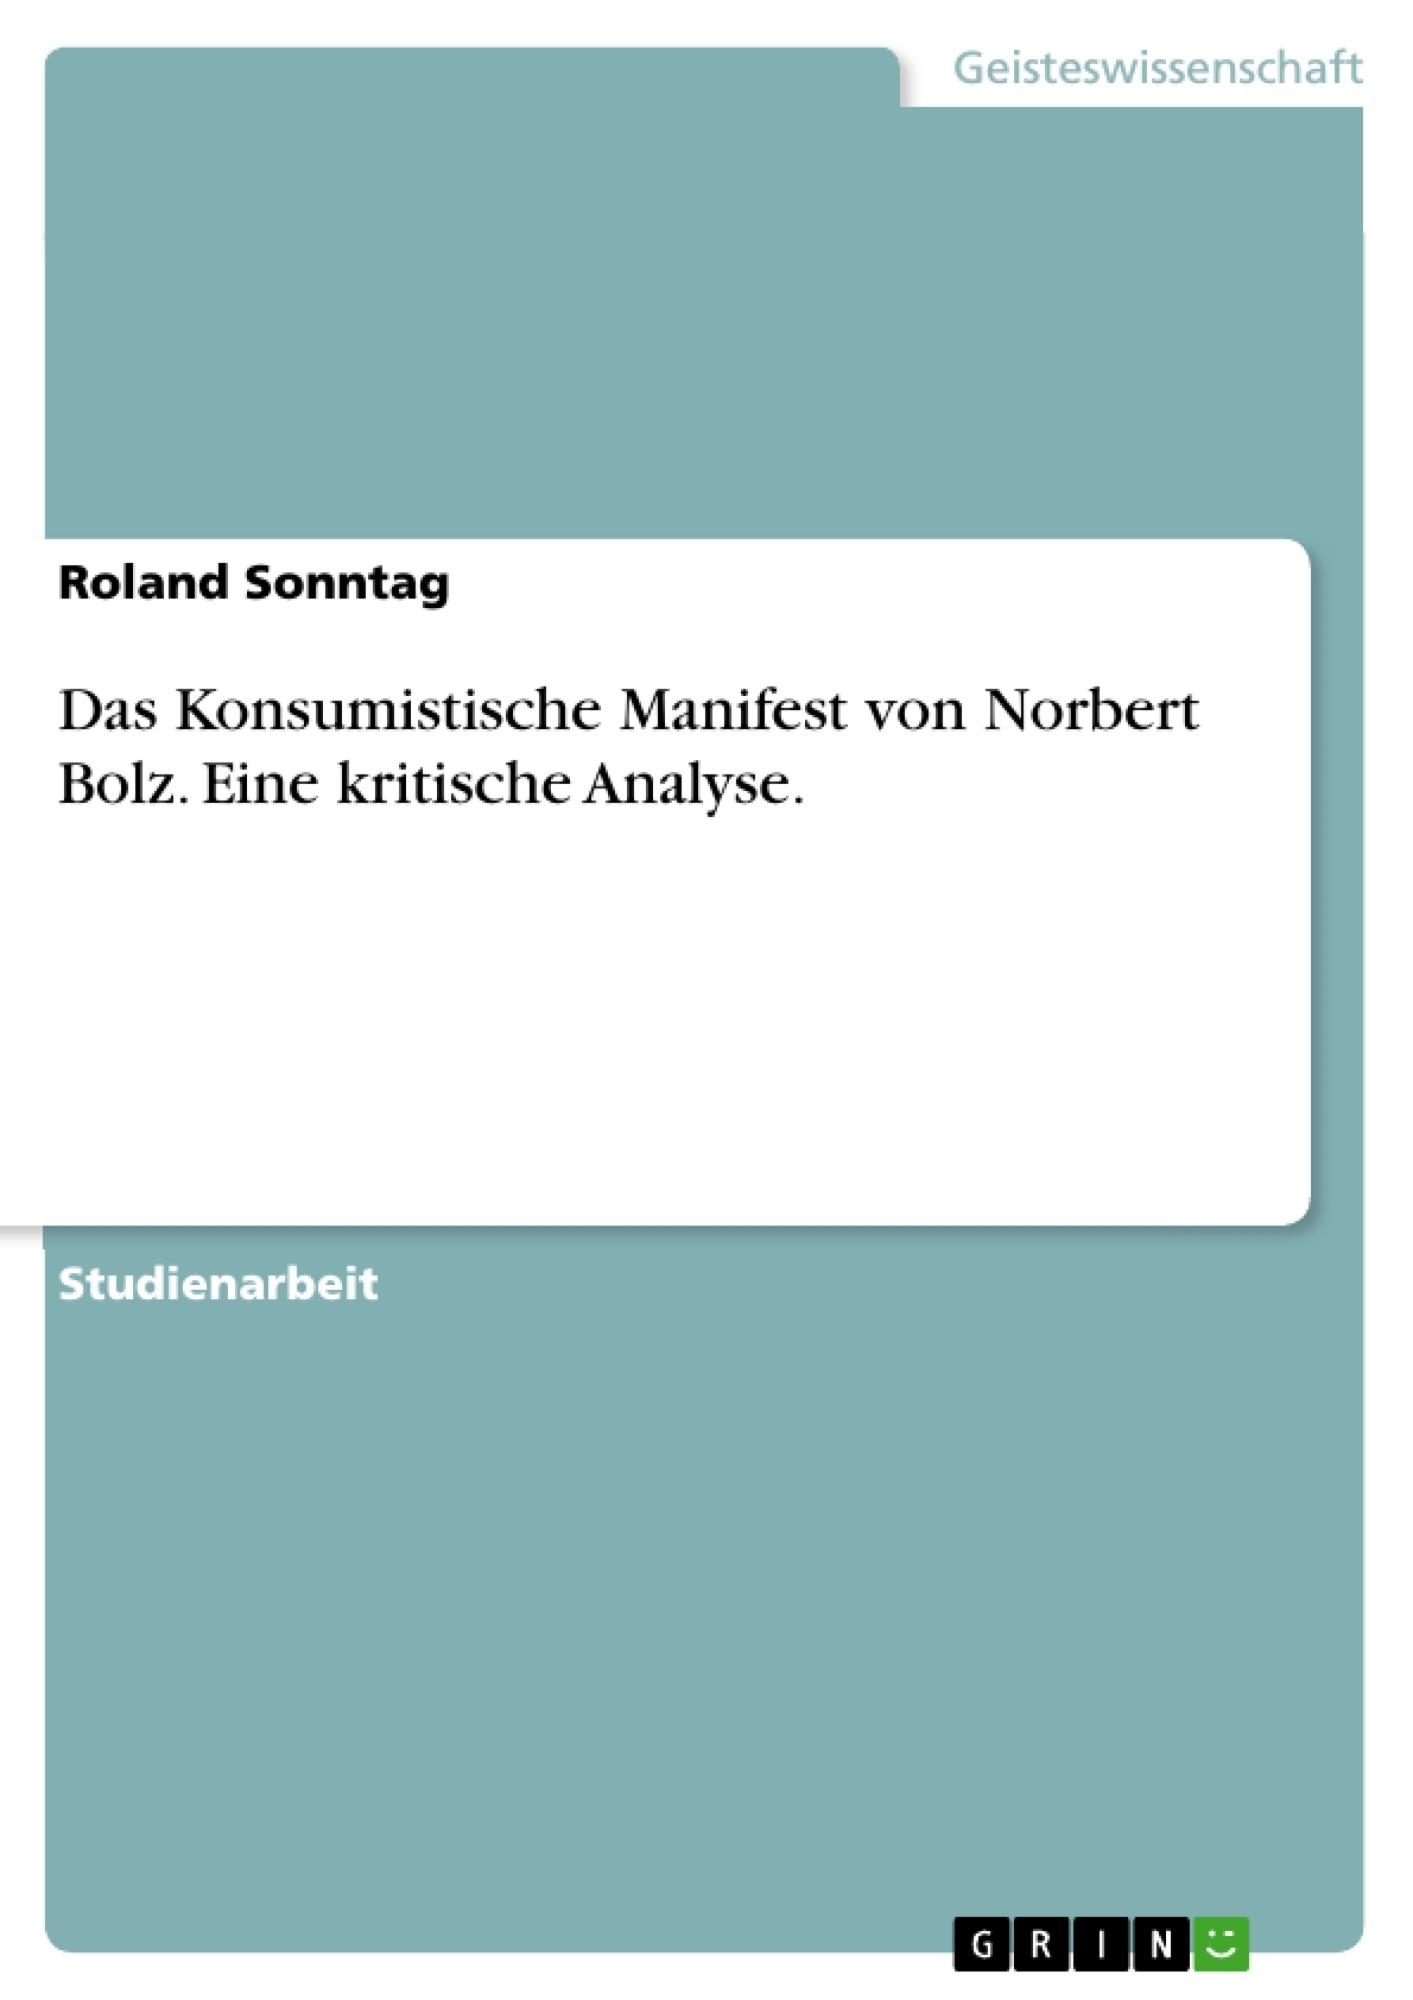 Titel: Das Konsumistische Manifest von Norbert Bolz. Eine kritische Analyse.